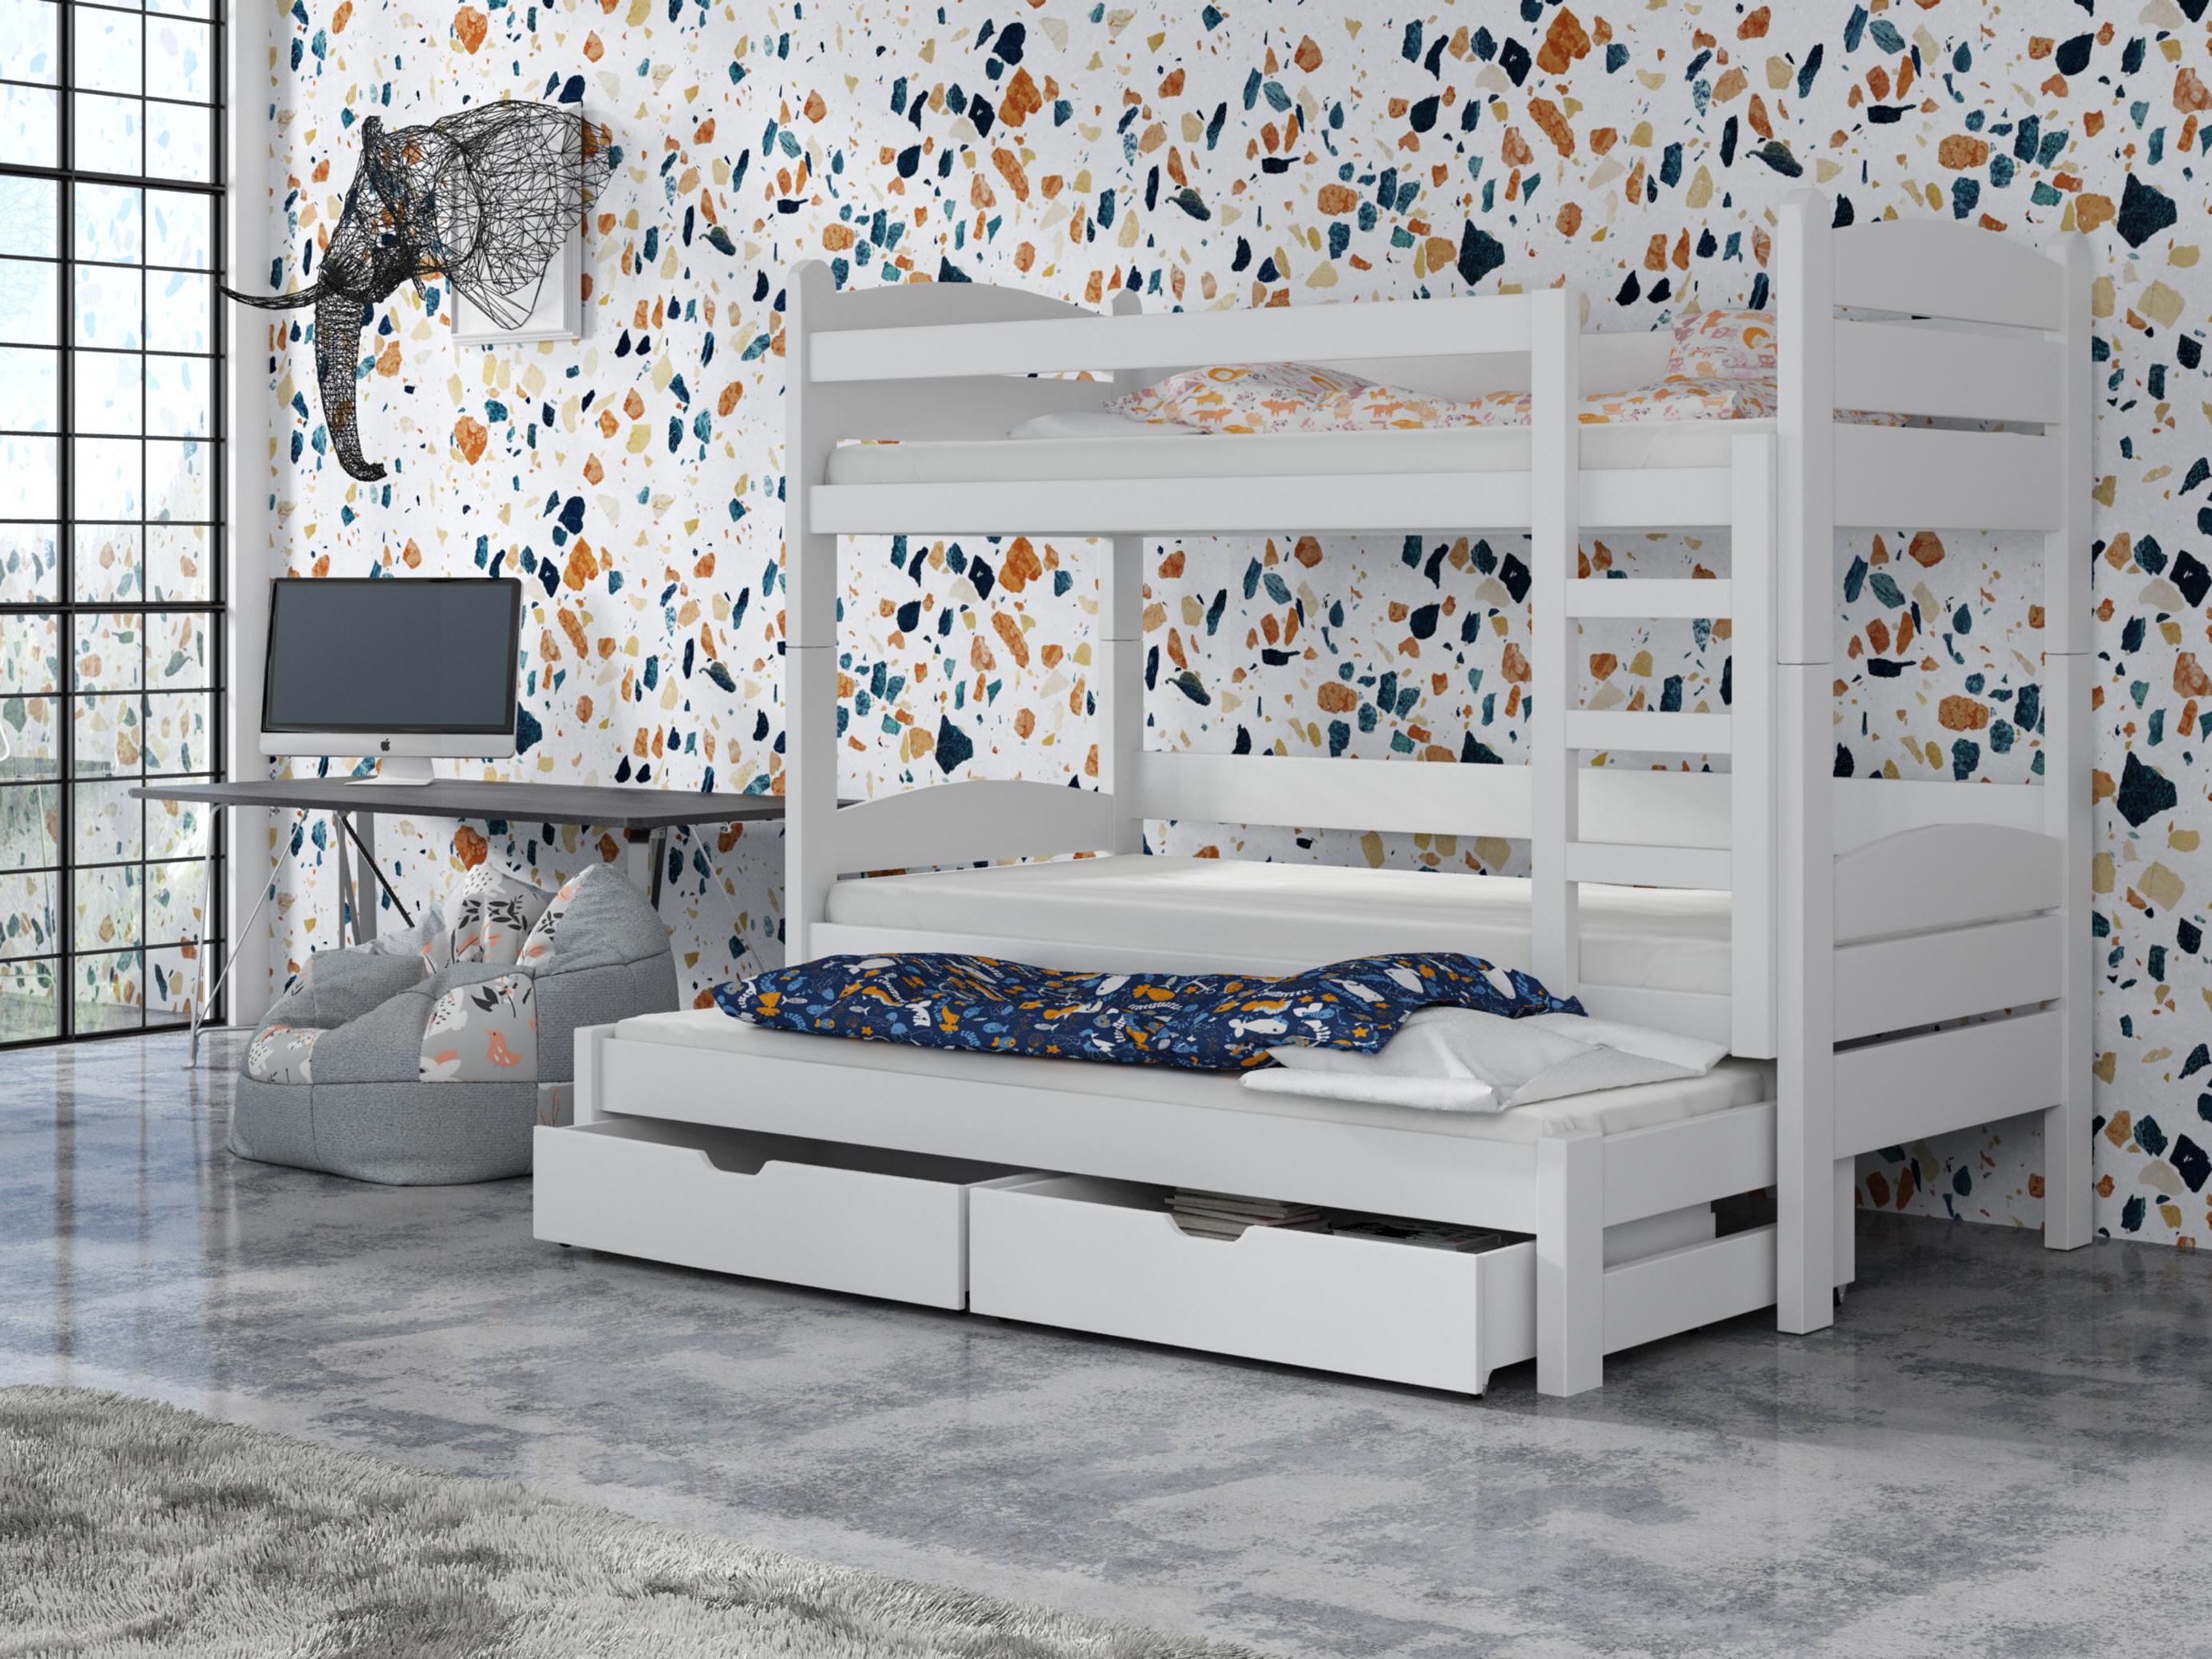 Dětská patrová postel 90 cm - Celsa (bílá)